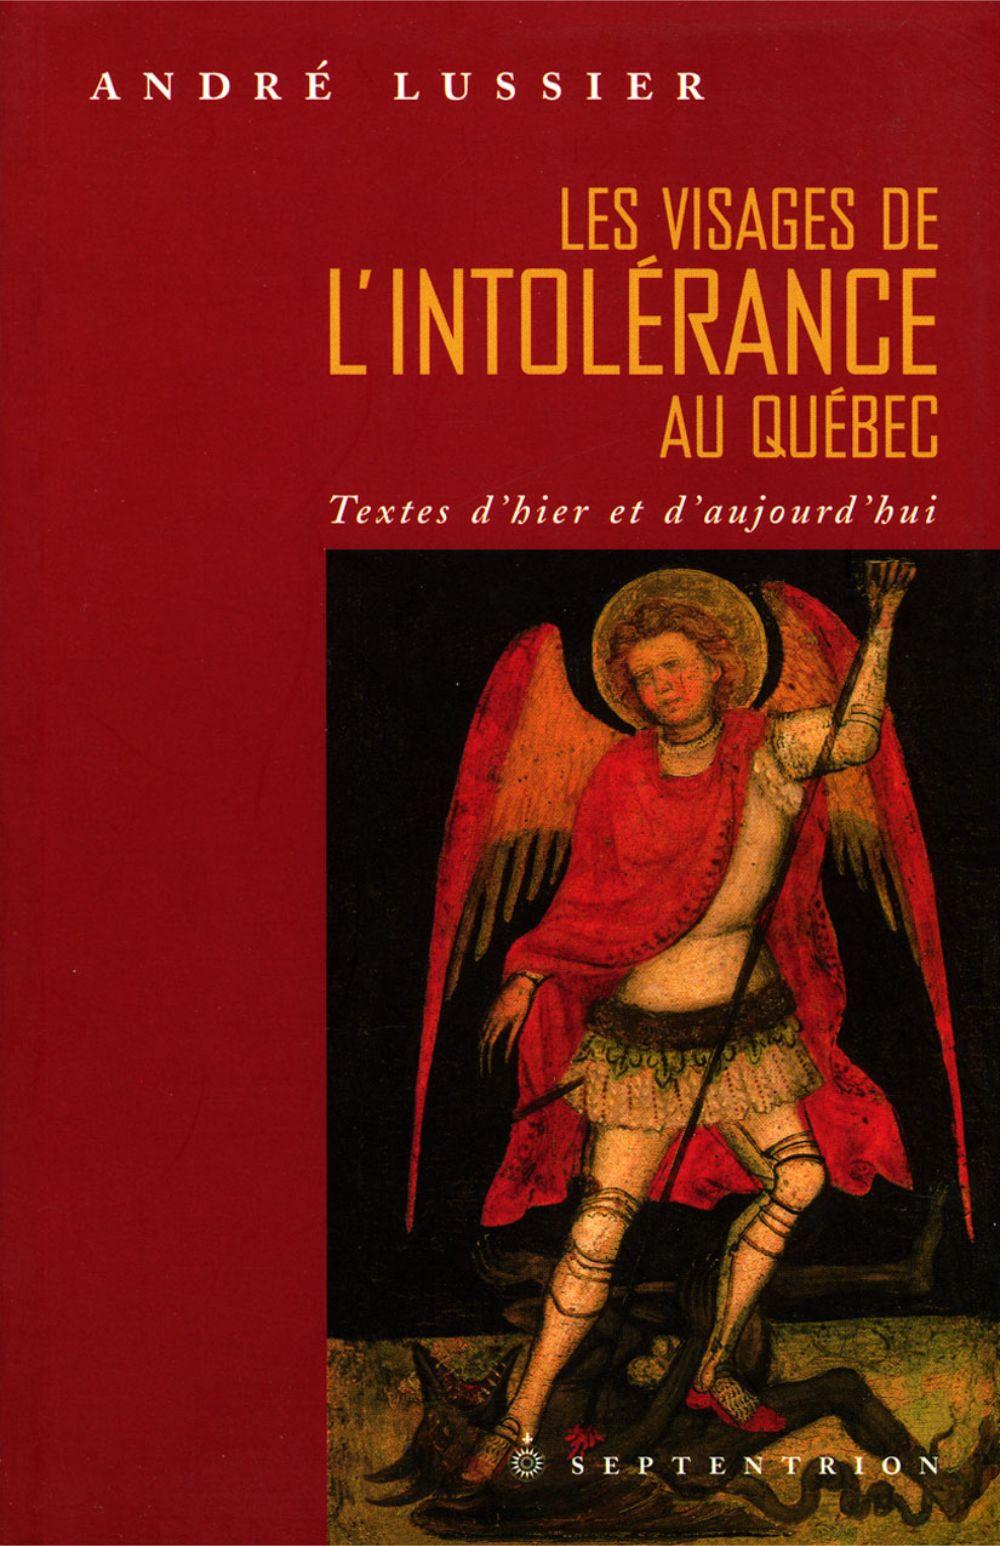 Les Visages de l'intolérance au Québec